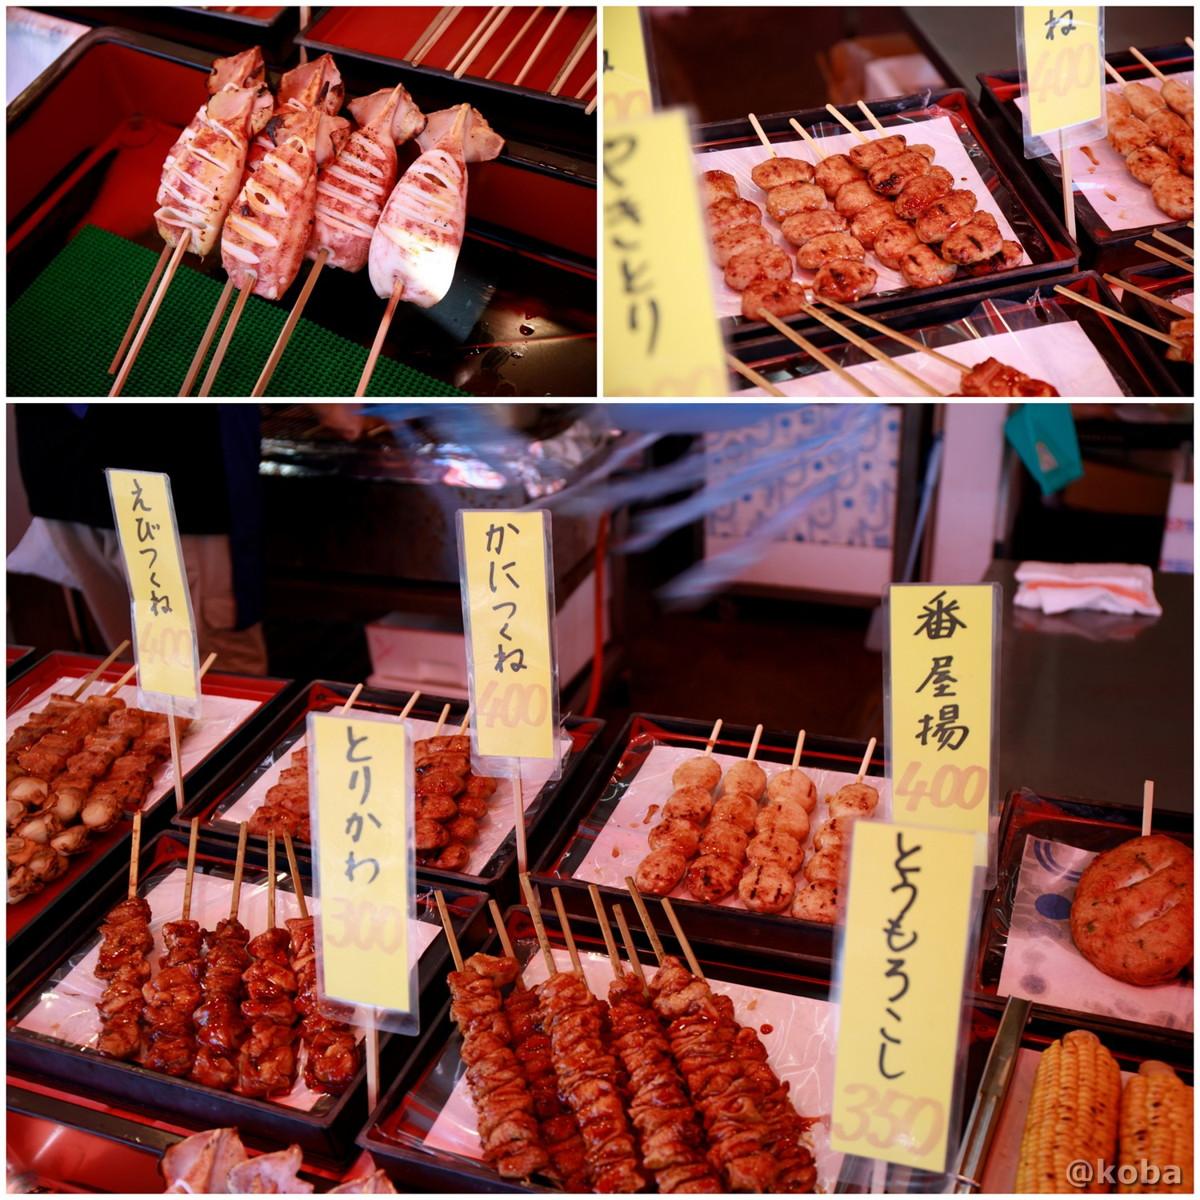 露店、値段の写真│山六水産│寺泊魚の市場通り 魚のアメ横(てらどまりさかなのいちばどおり さかなのあめよこ)